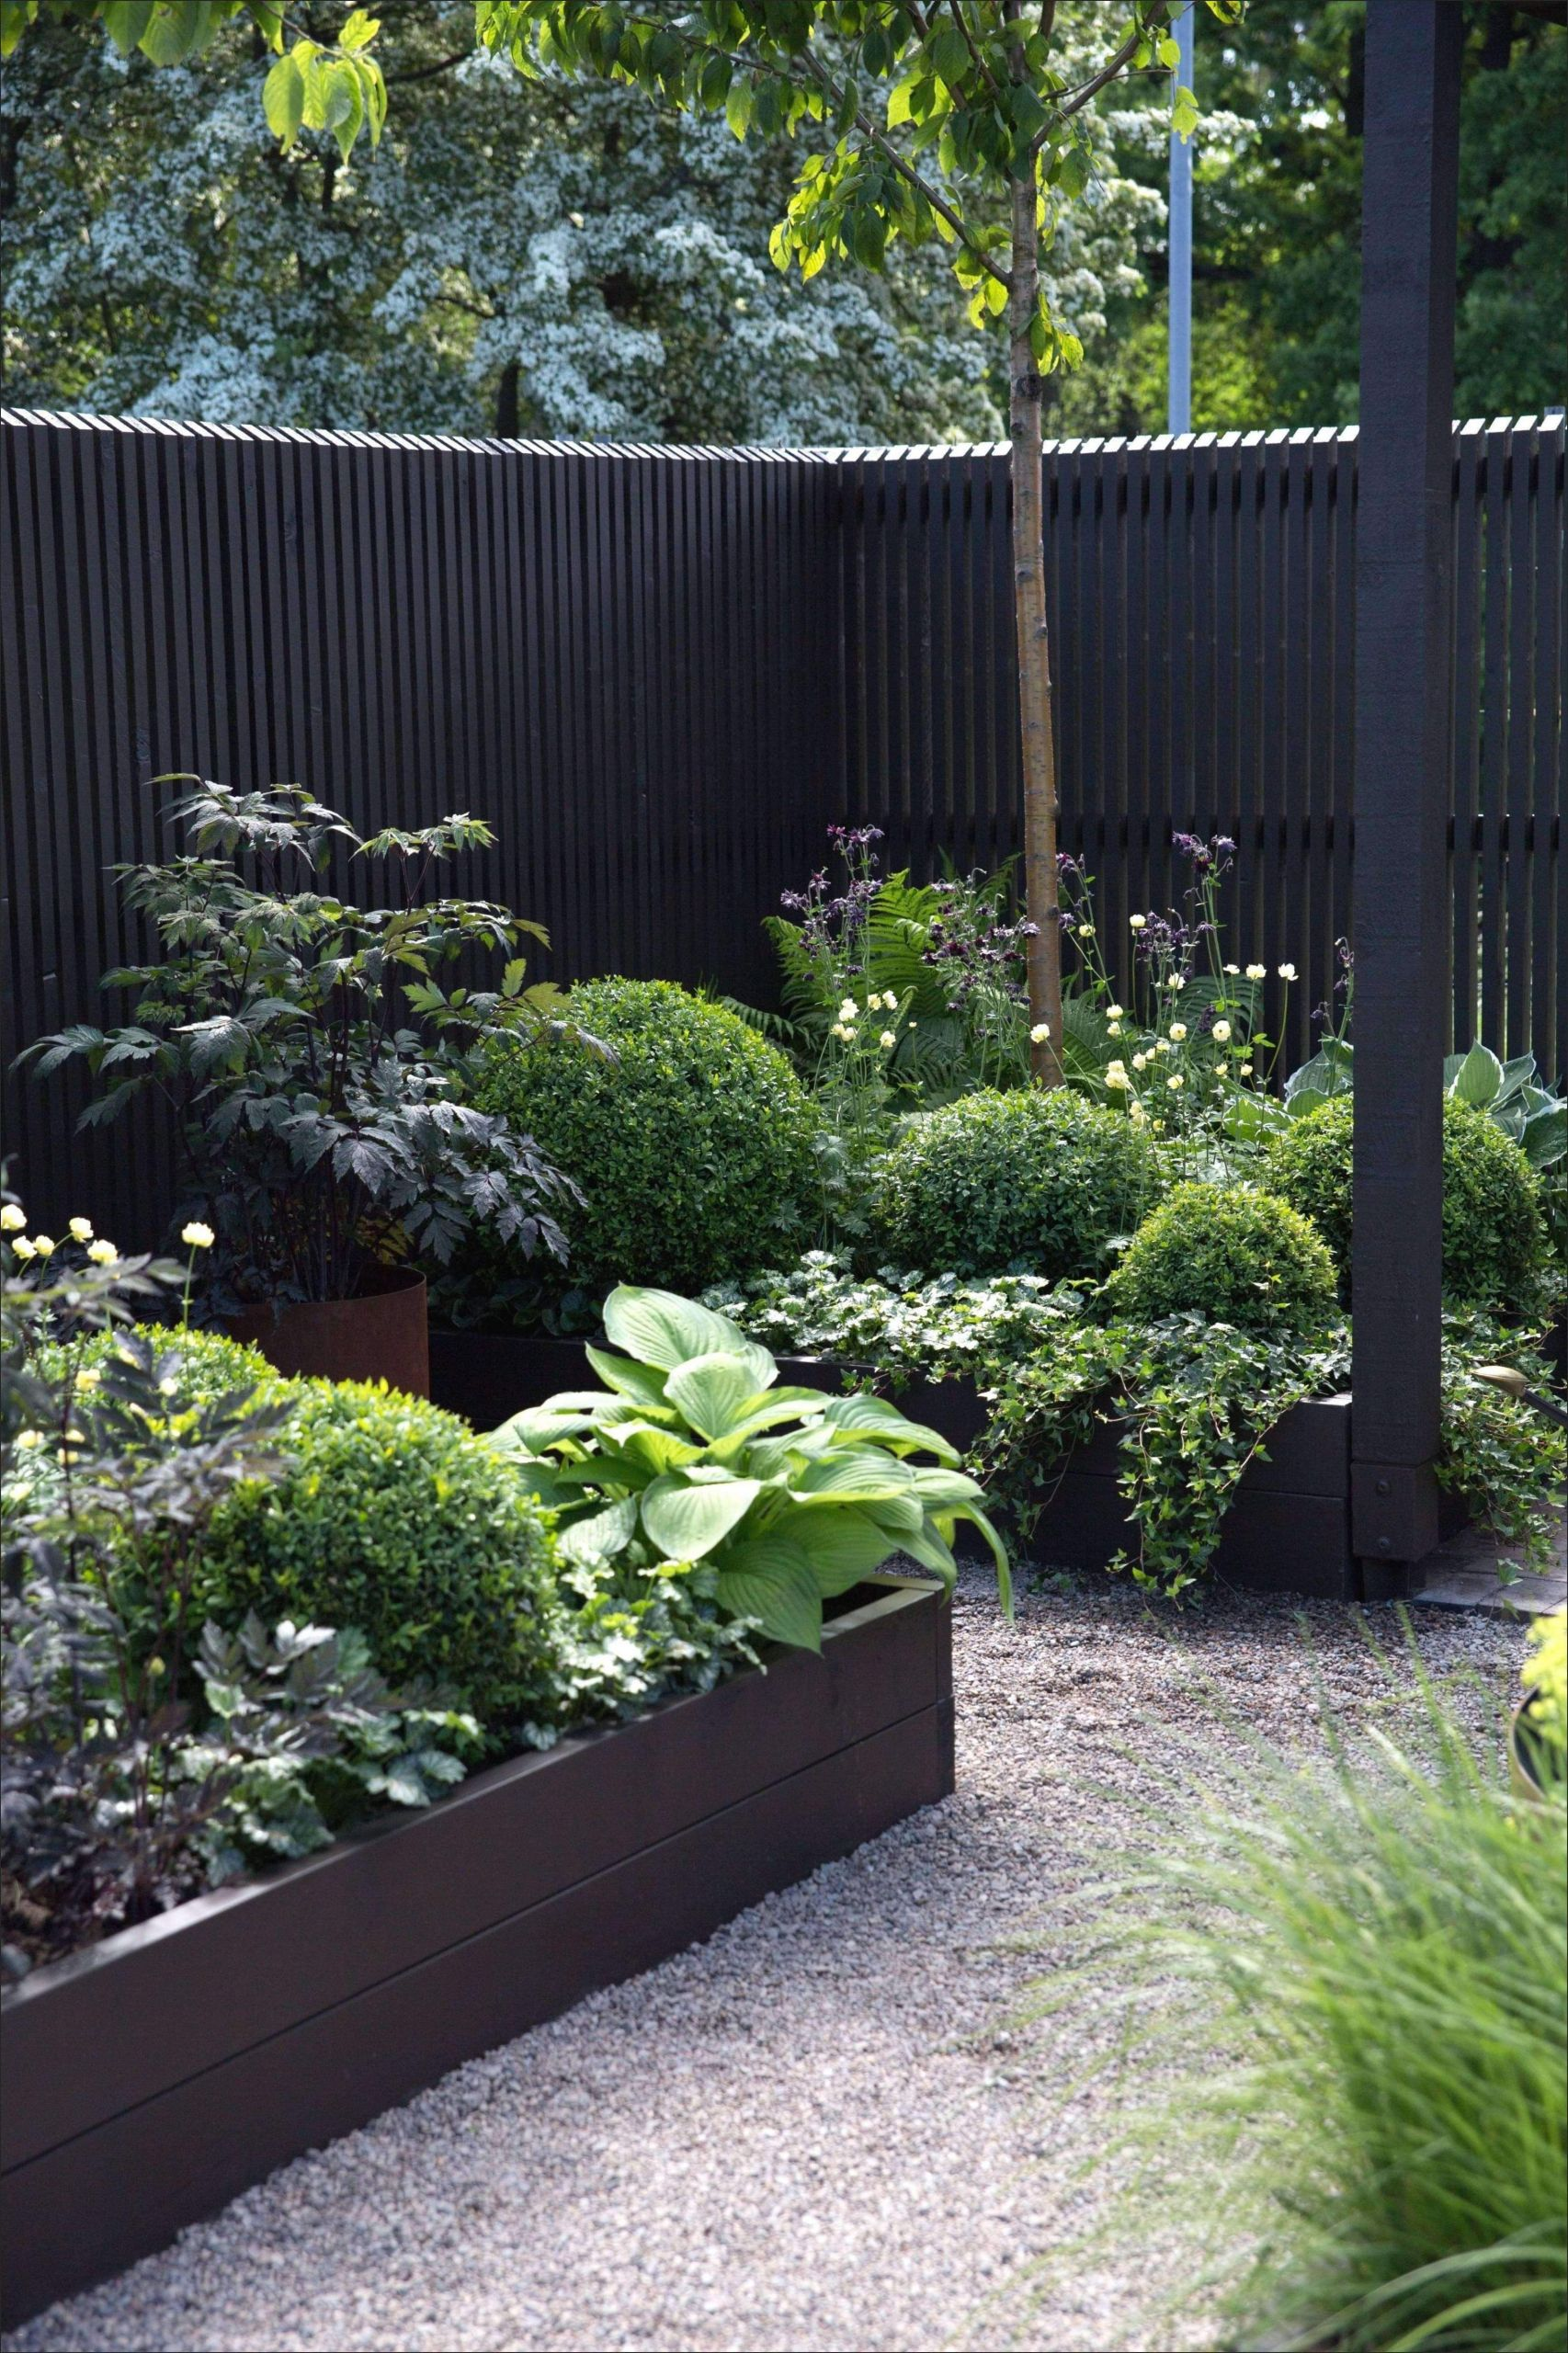 24 neu sichtschutz garten ideen gunstig stock gruner sichtschutz im garten gruner sichtschutz im garten